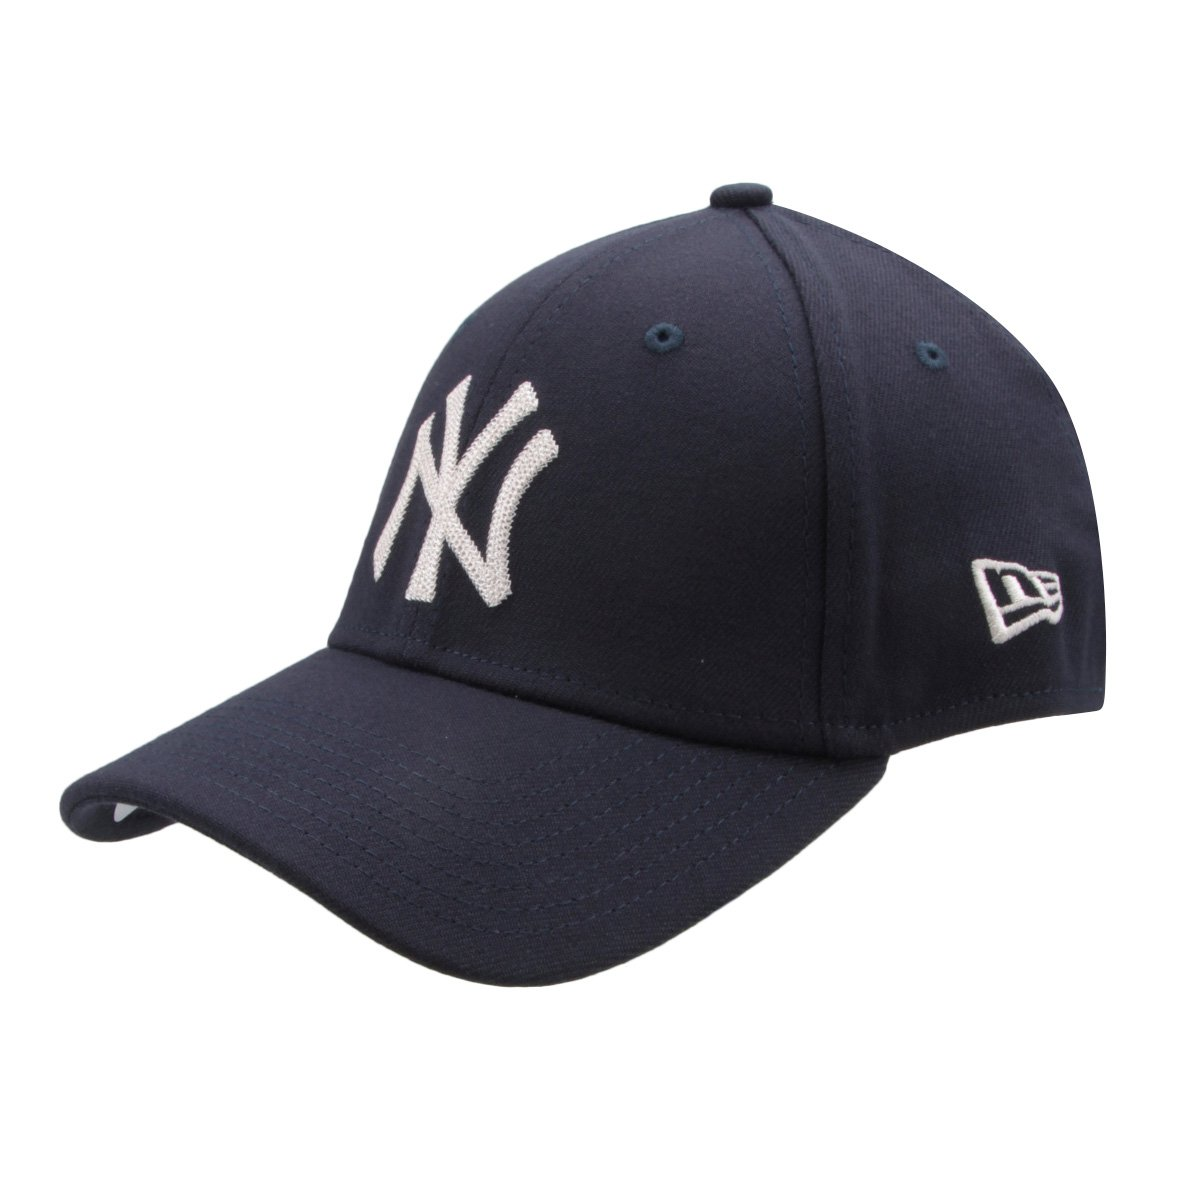 Boné New Era MLB New York Yankees Aba Curva 3930 Lic942 - Compre Agora  fb3ed28f9d4